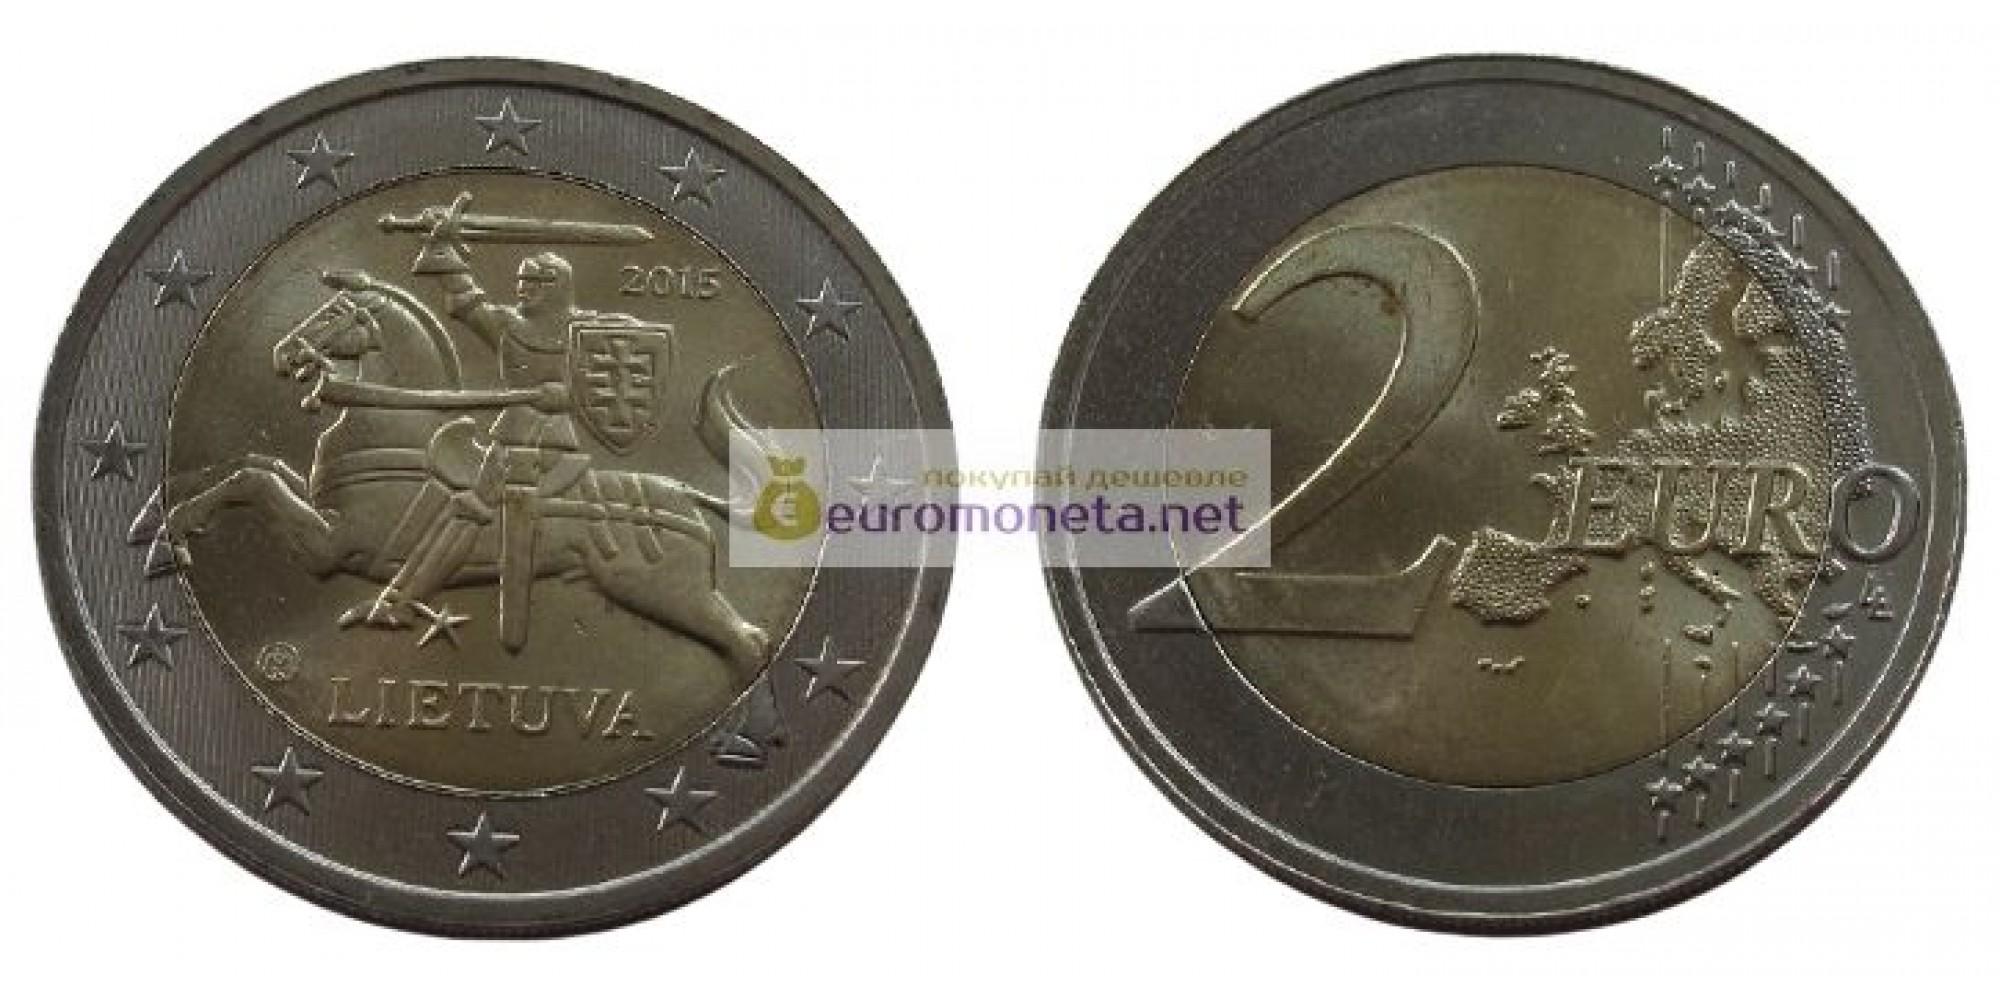 Литва 2 евро 2015 год, биметалл, AU